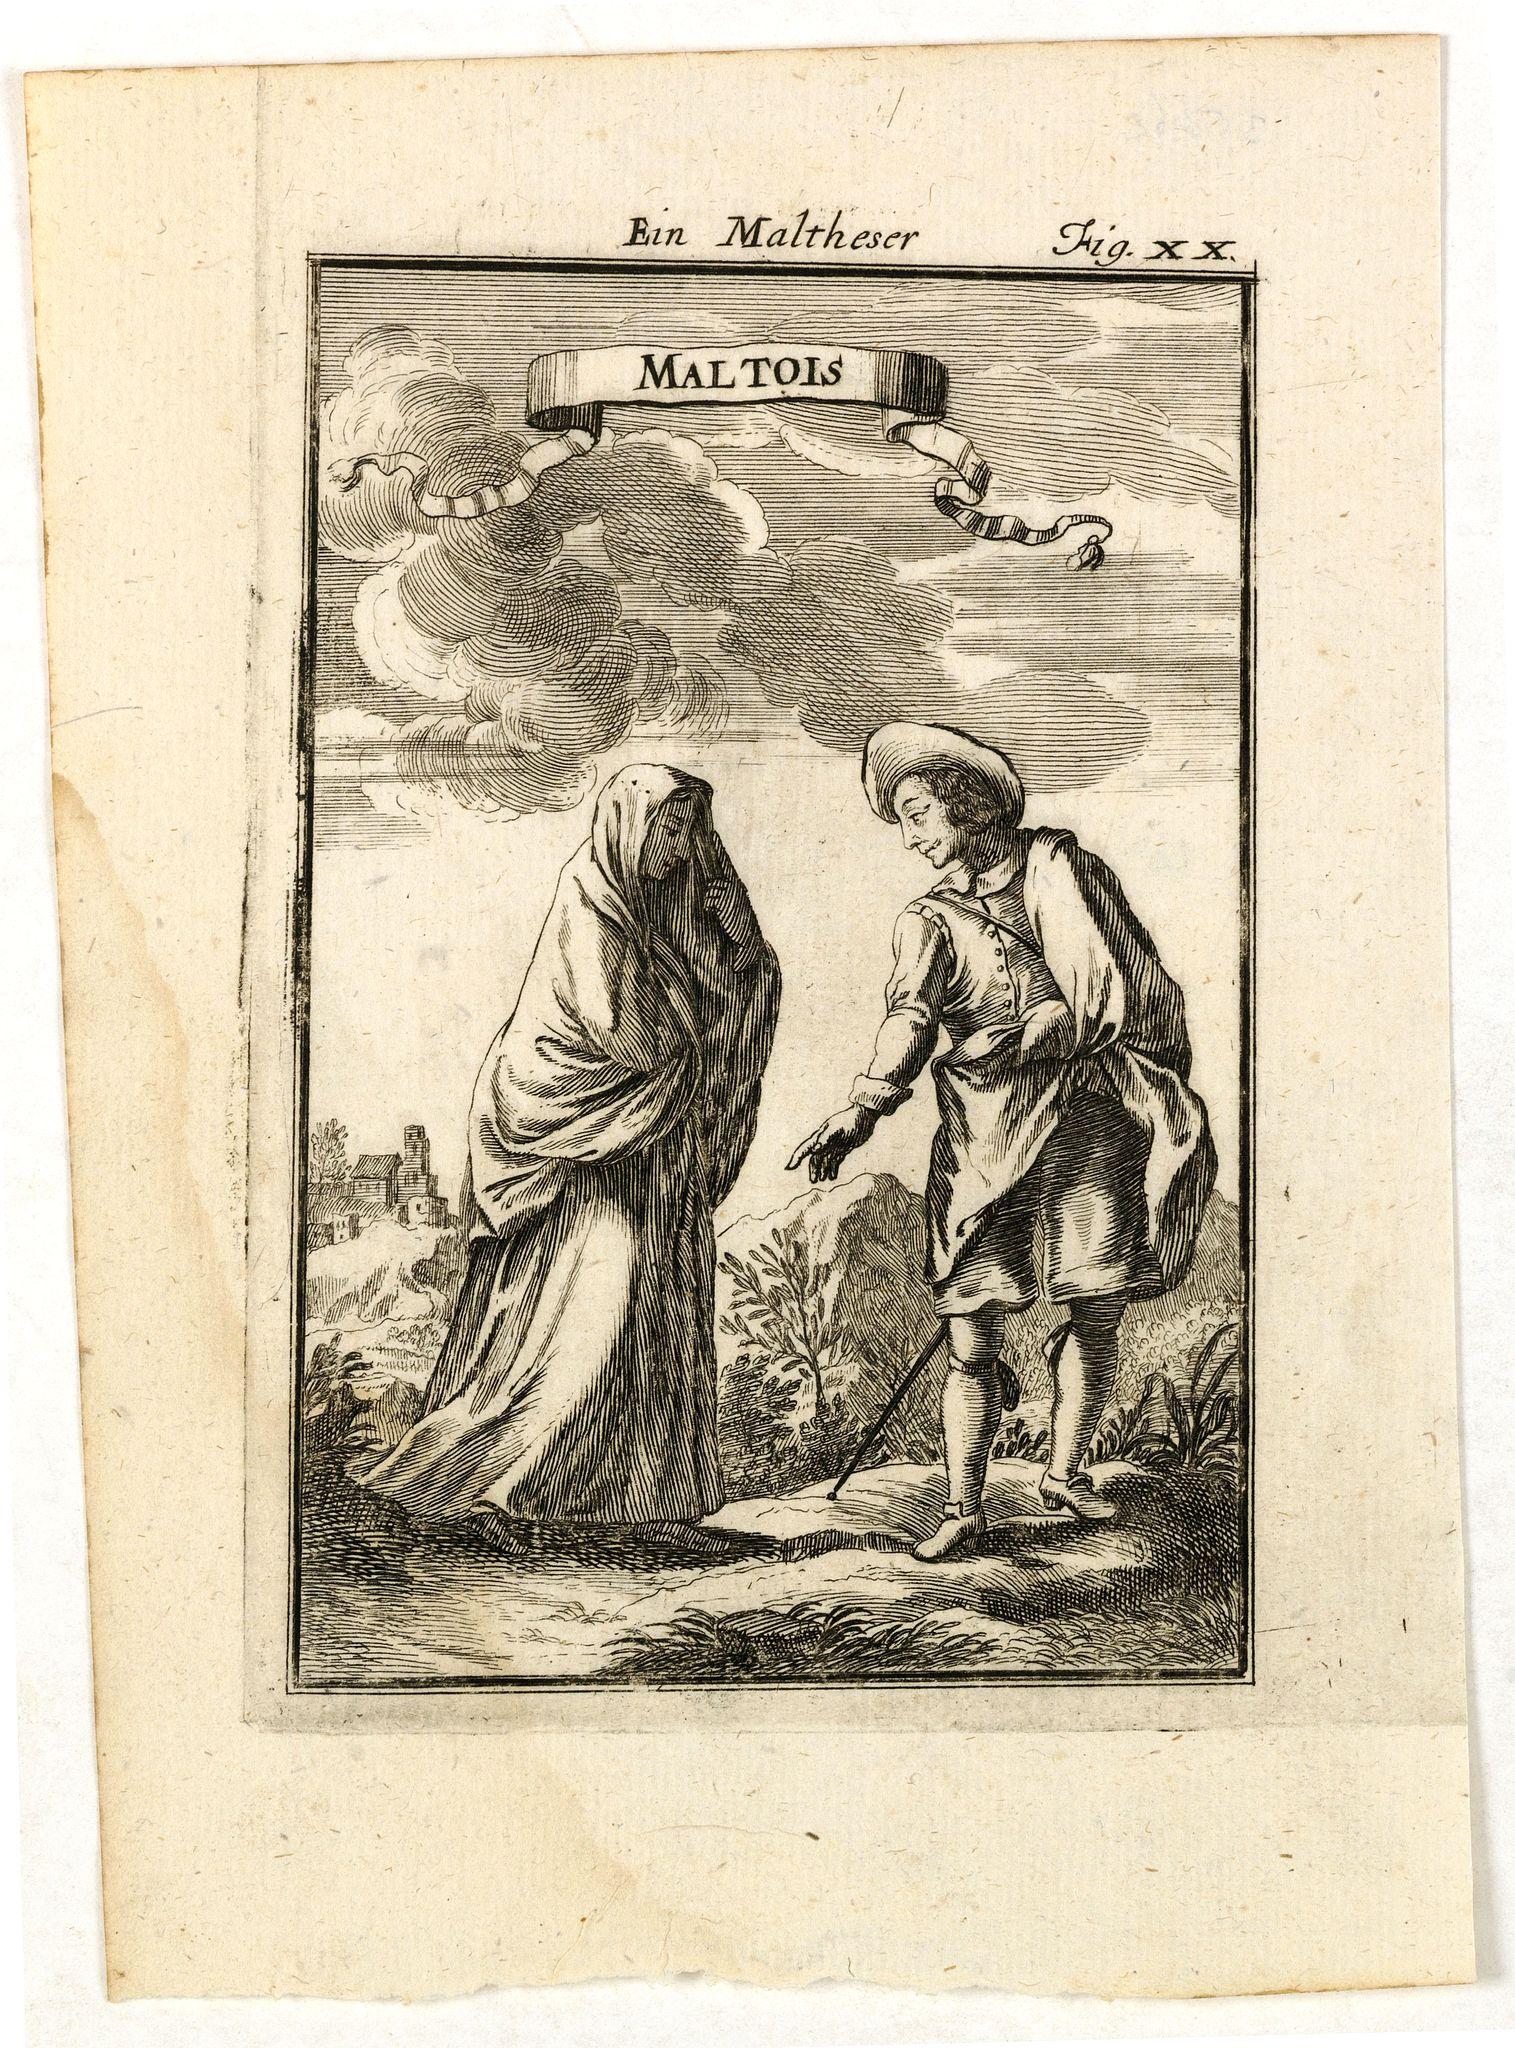 MALLET, A.M. -  Maltois. Ein Maltheser Fig. XX.